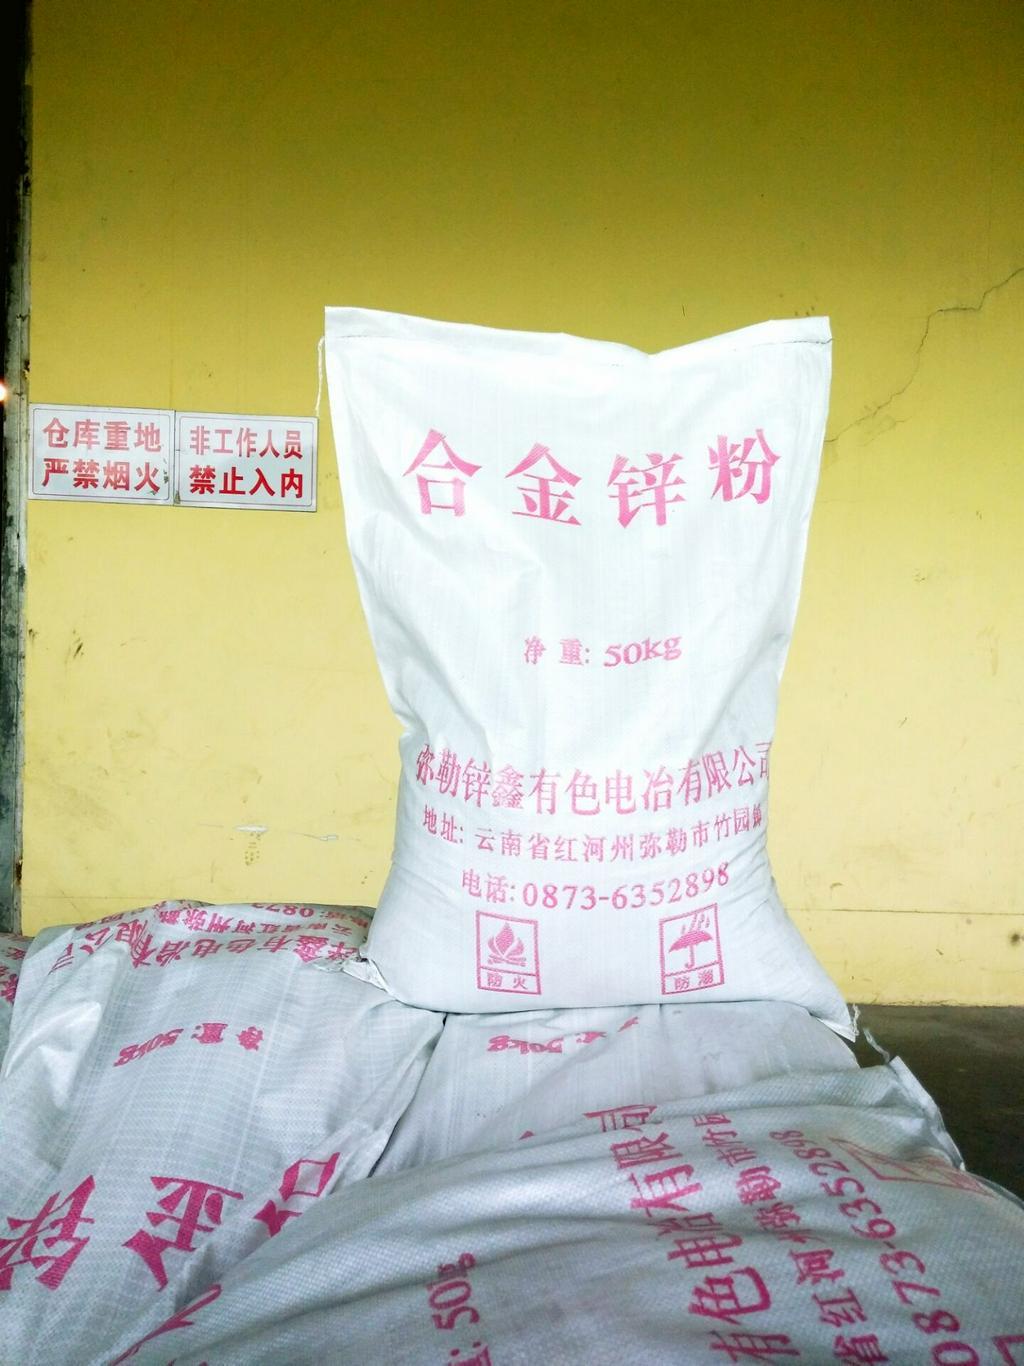 长期出售电炉锌粉,电话:孙总 13577077043 李总 15987795077